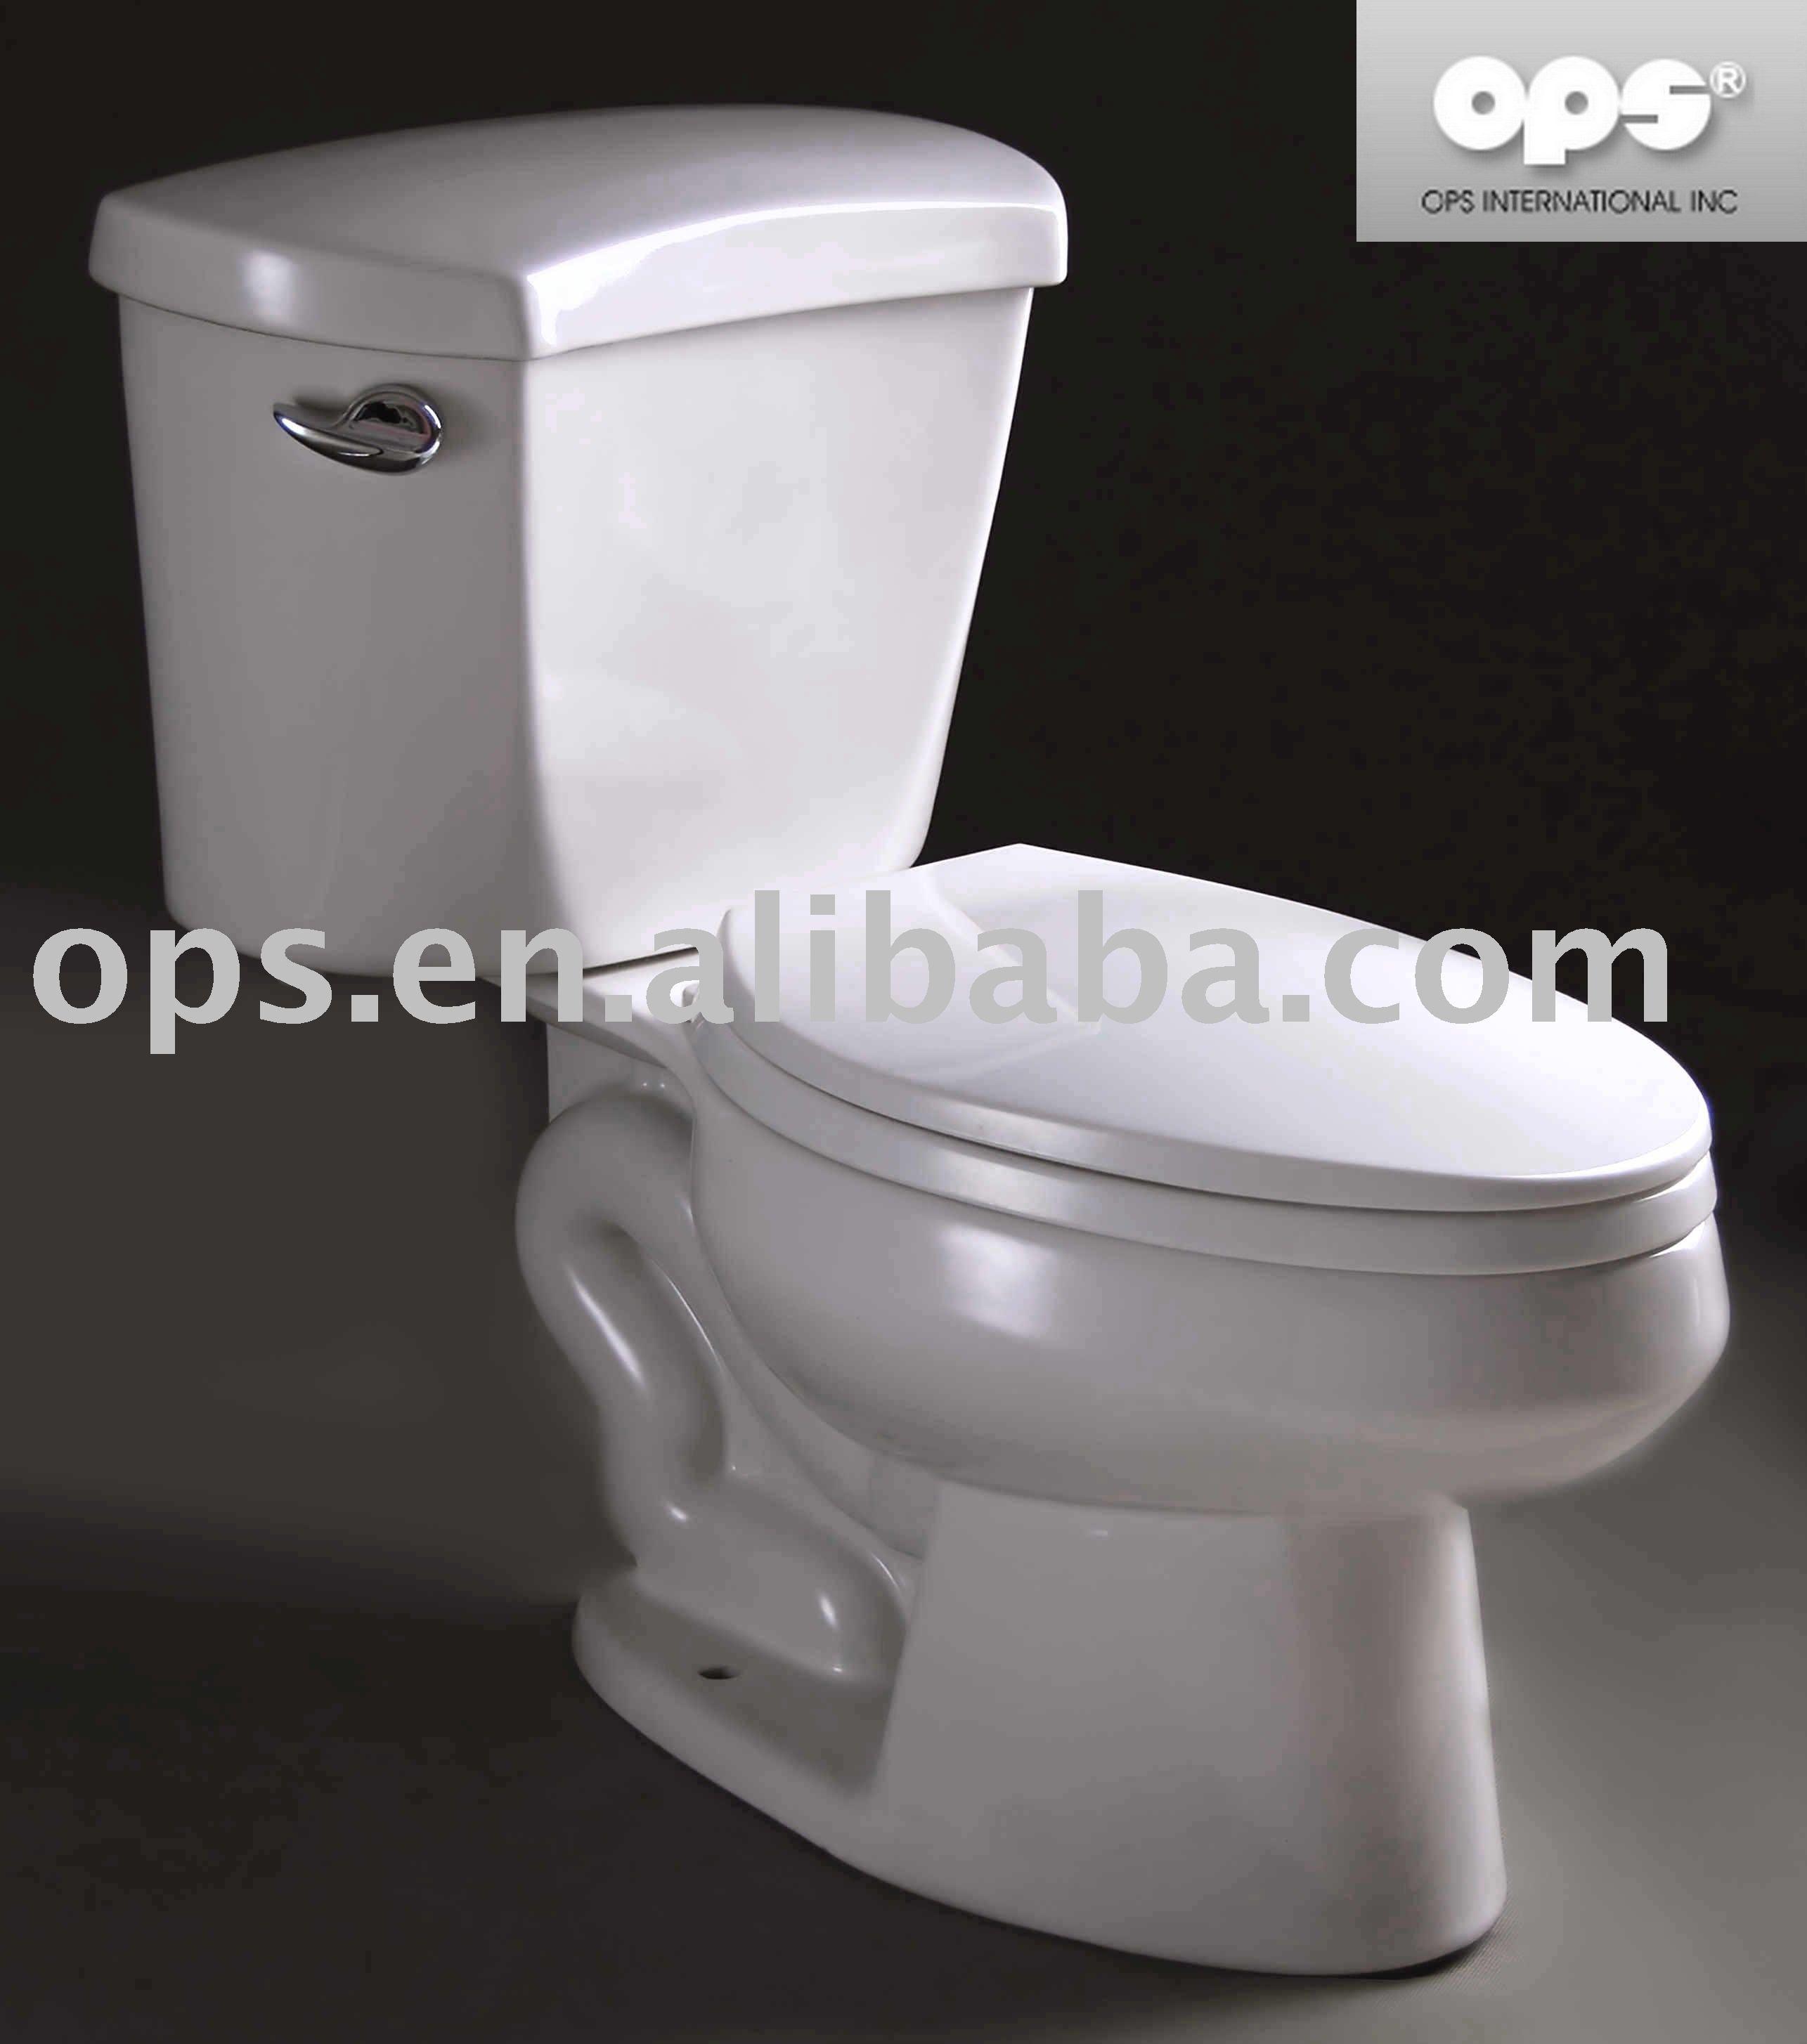 Lavabos Para Baño Kohler:Kohler wellworth dos – pieza de baño, la upc certificado-Cuarto de